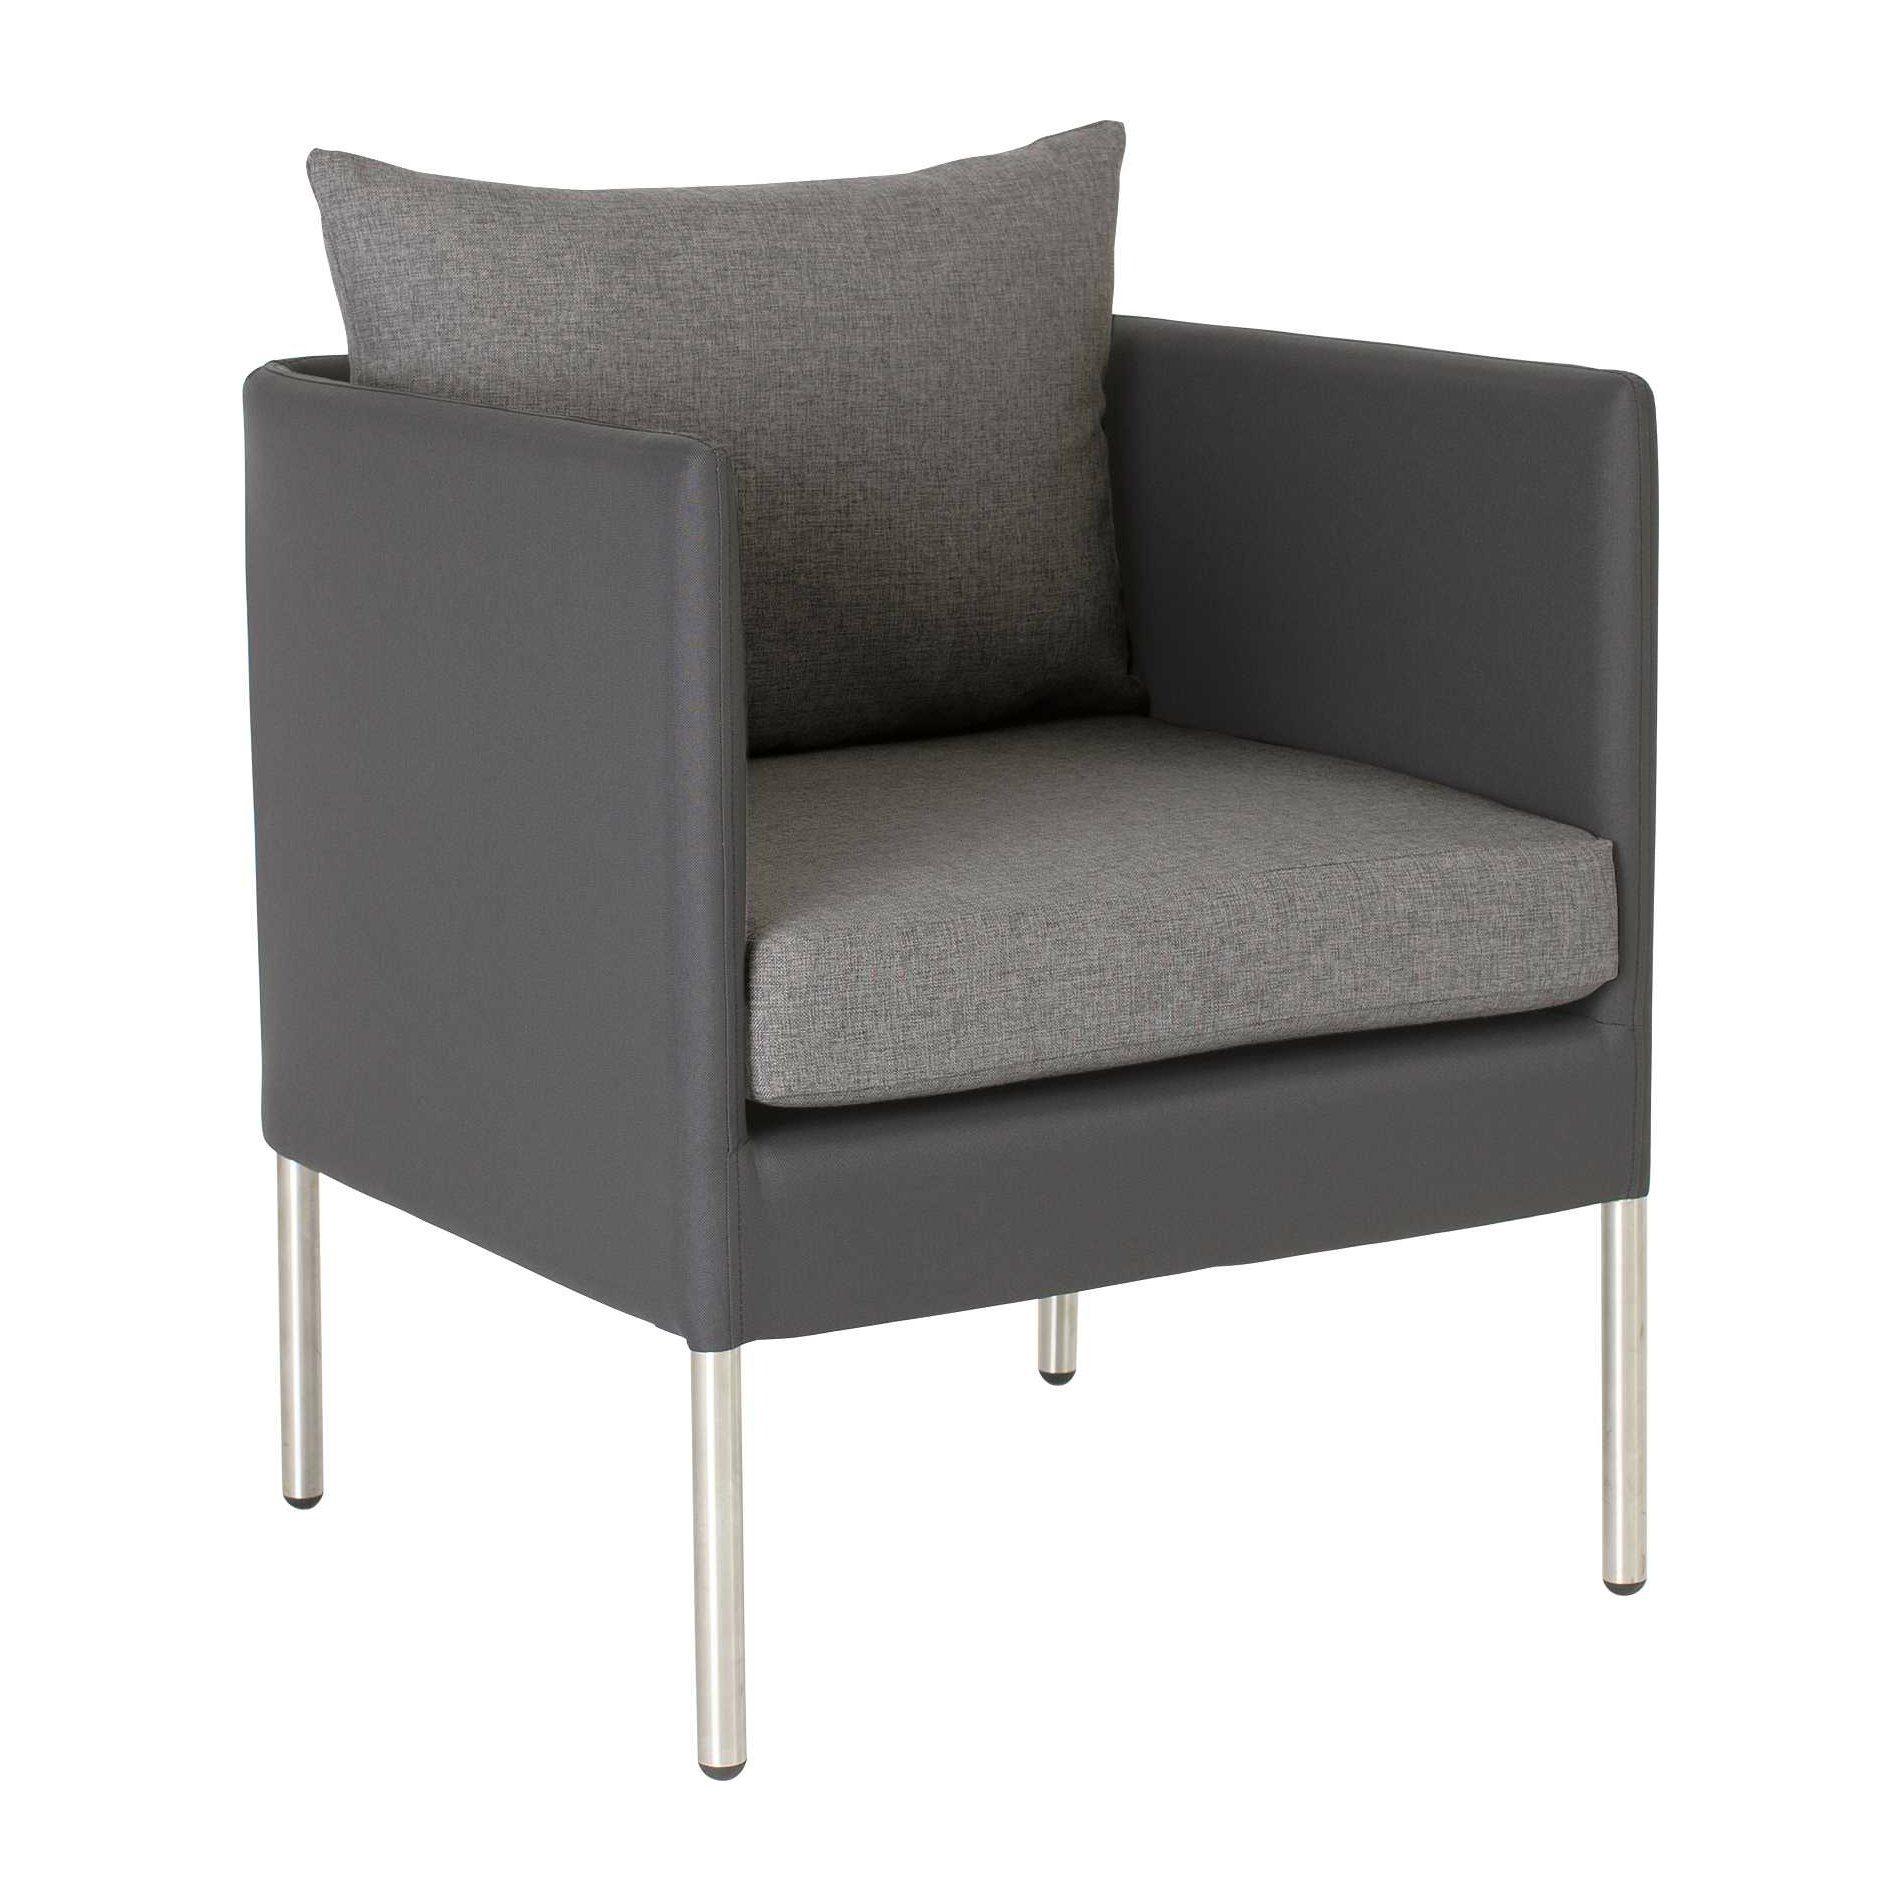 stern miguel dining sessel. Black Bedroom Furniture Sets. Home Design Ideas